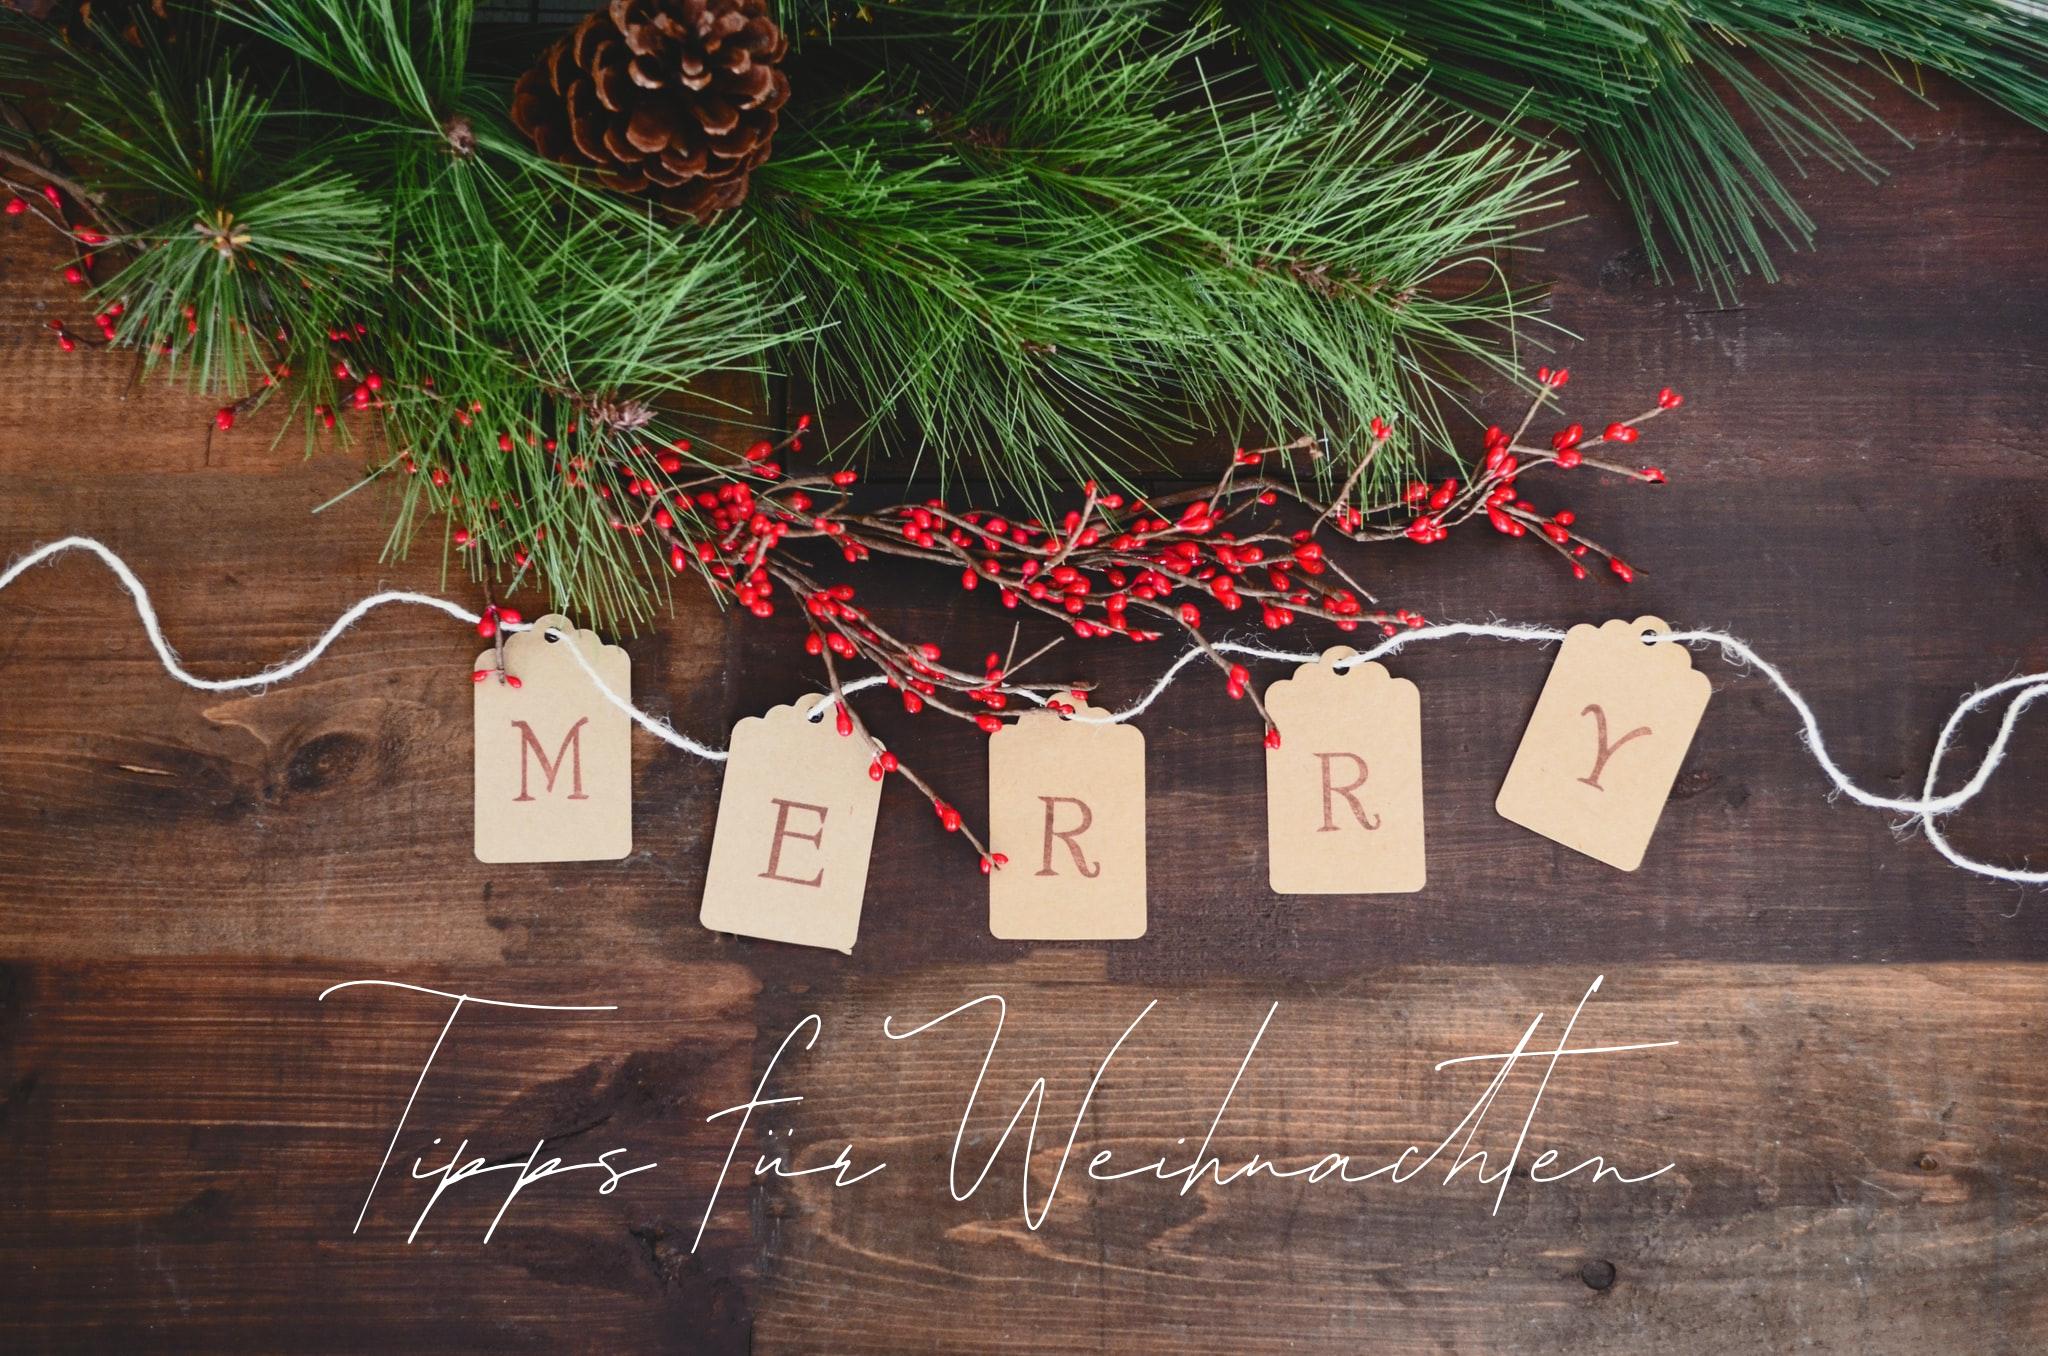 Tipps für Weihnachten // Christmas Recipes by https://babyrockmyday.com/category/weihnachten/